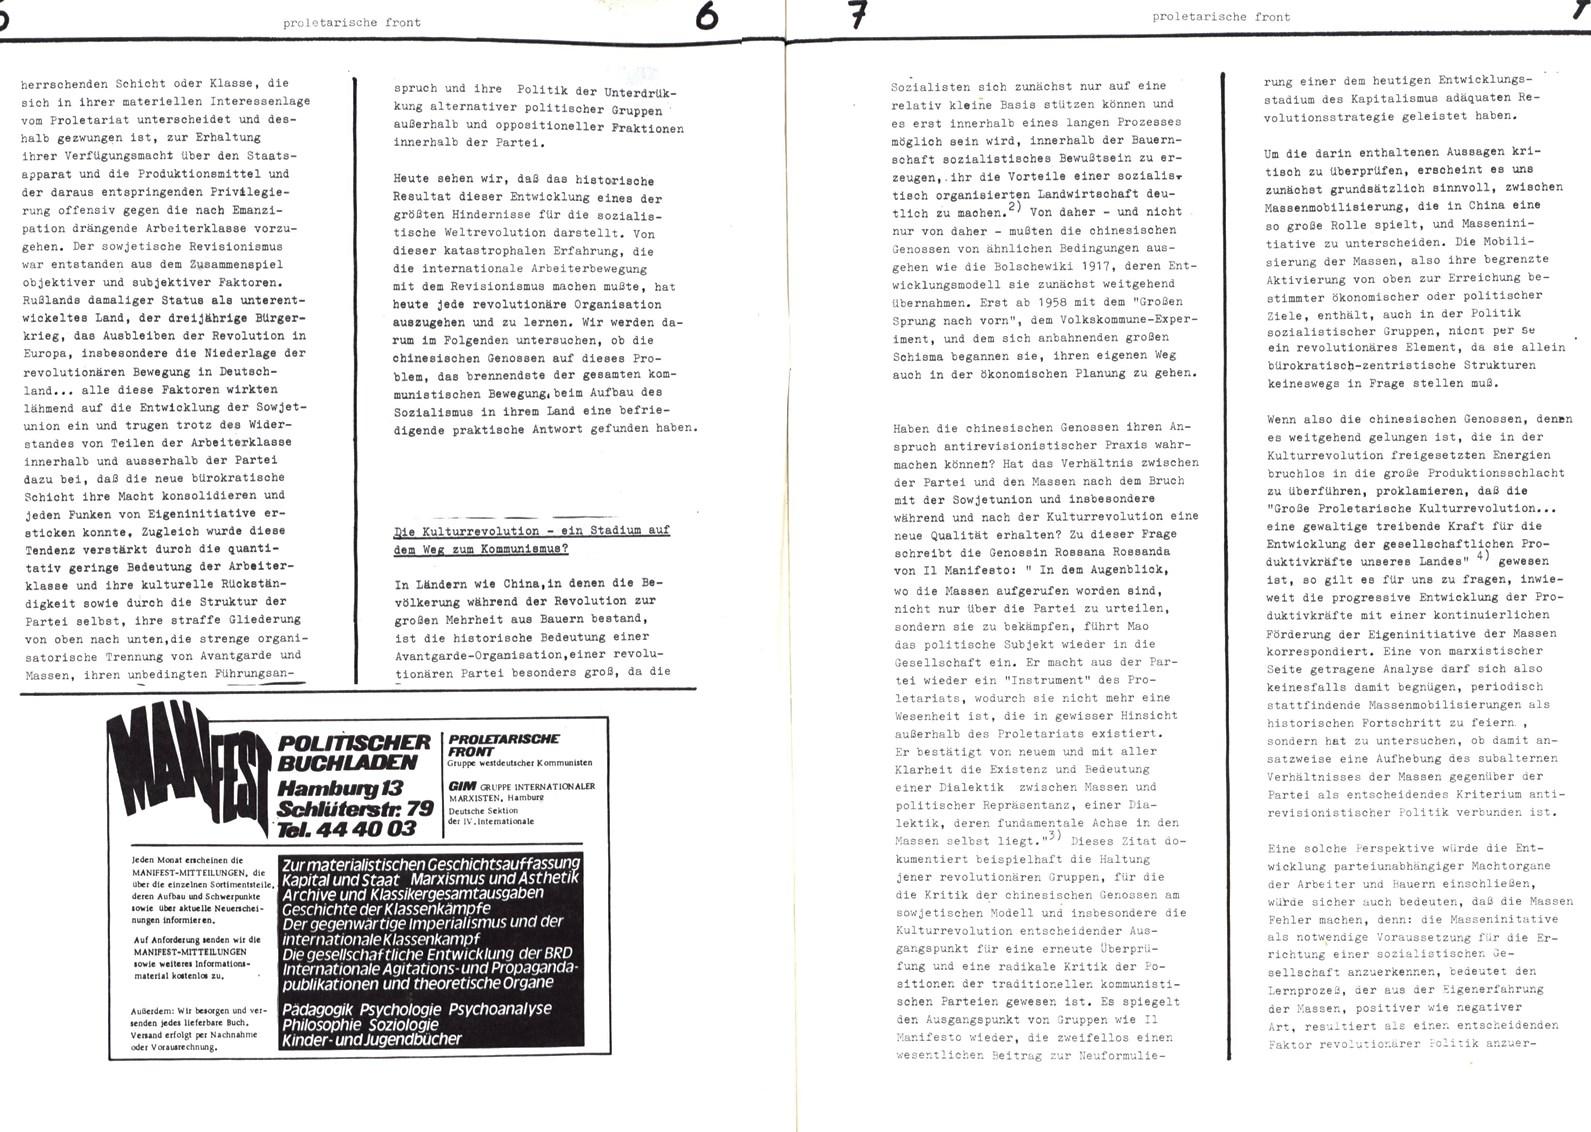 Proletarische_Front_1972_04_04